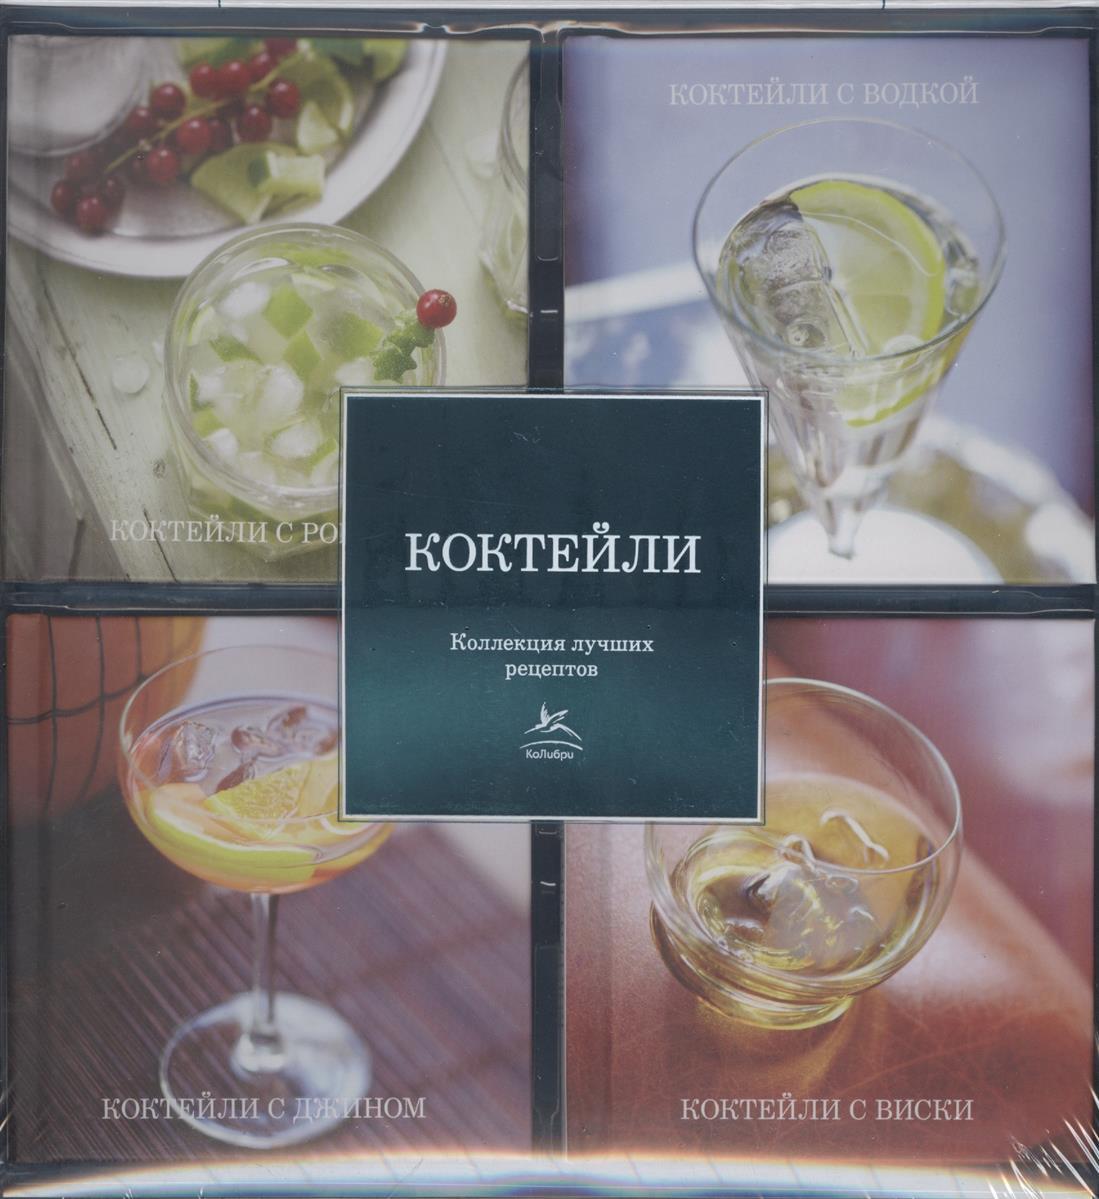 Коктейли: Коктейли с джином. Коктейли с водкой. Коктейли с виски. Коктейли с ромом. Коллекция лучших рецептов (комплект из 4 книг) готовим коктейли блендер